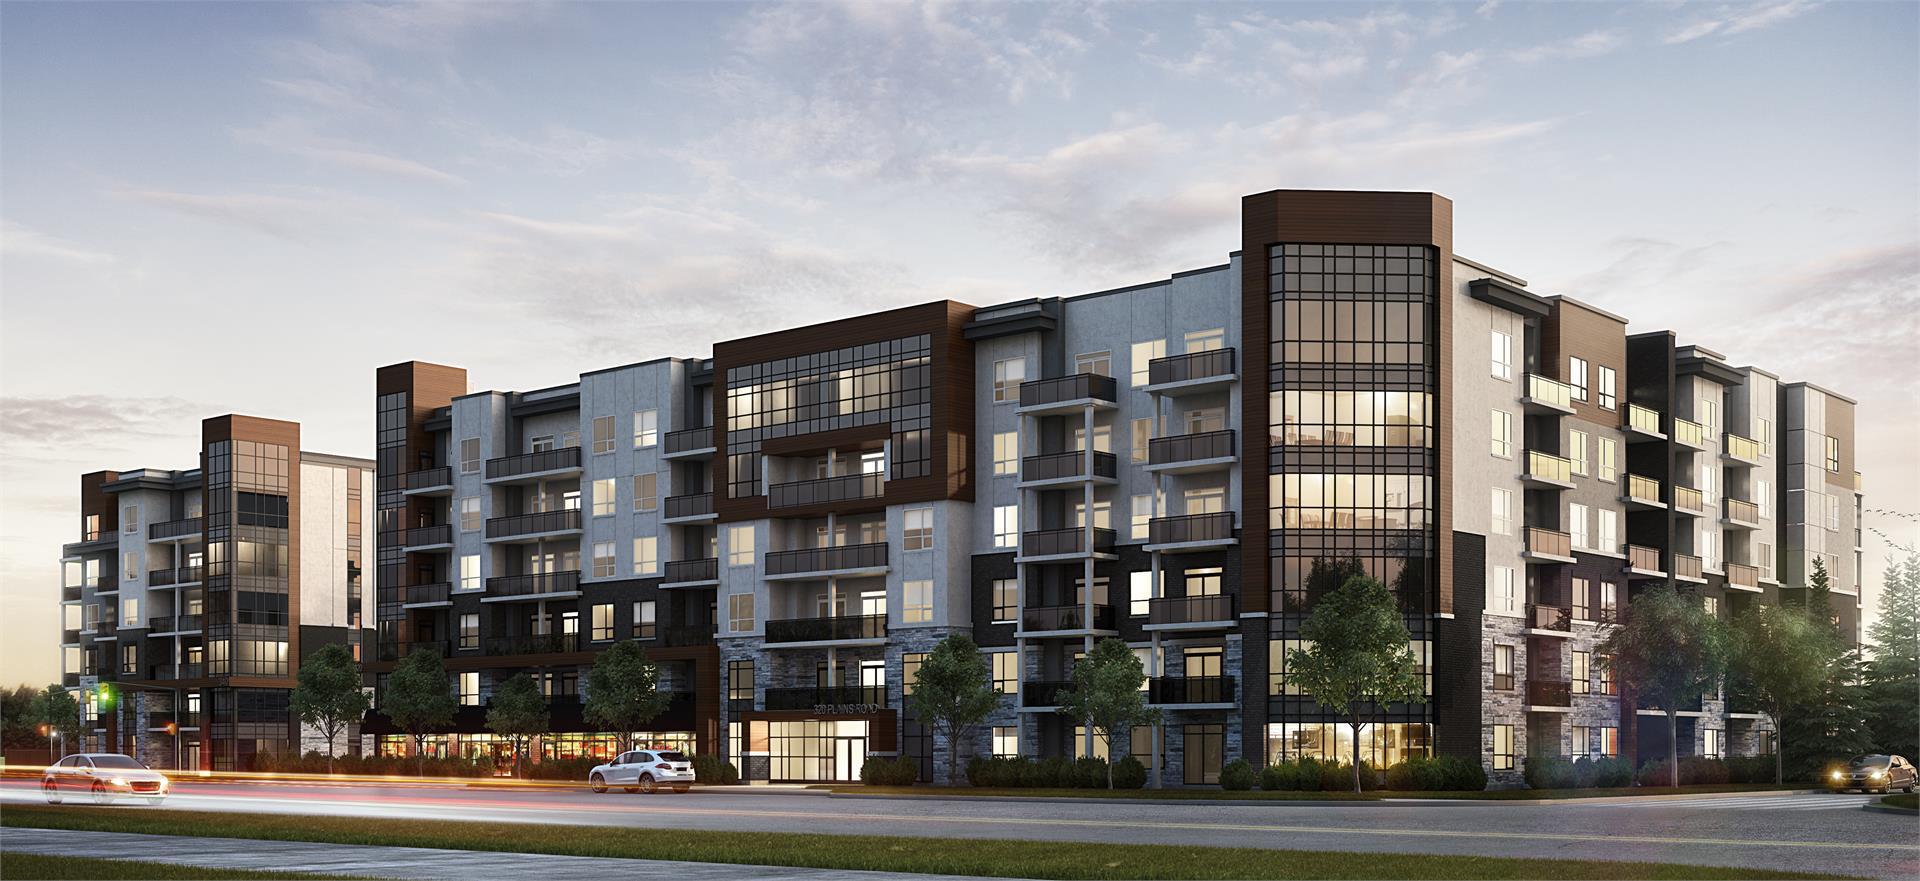 Affinity Condominiums